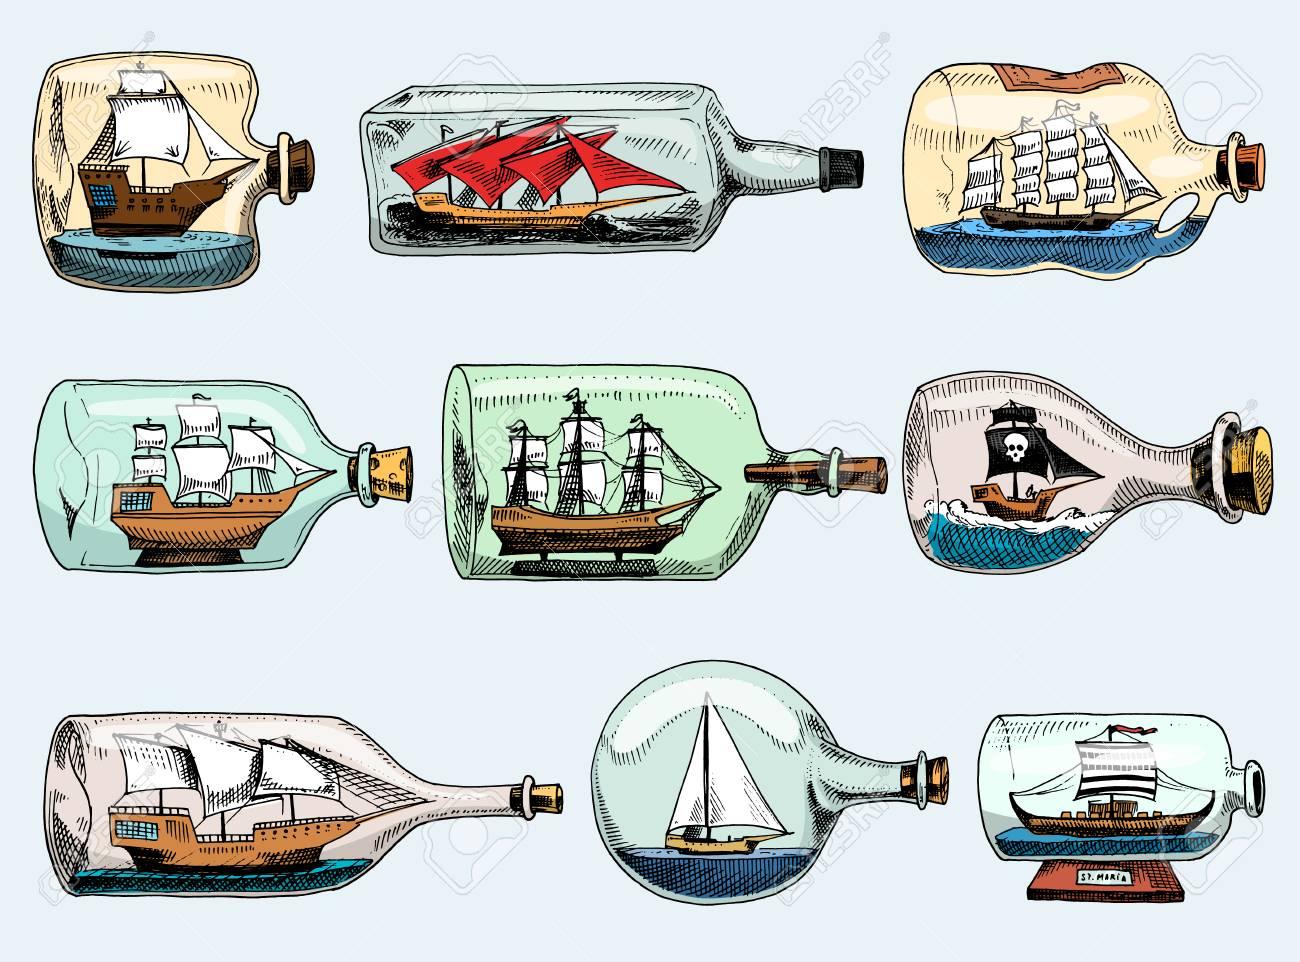 bateau en bouteille vecteur bateau souvenir souvenir de voile doue en verre voilier avec liege ou expedition en fiole isole sur fond blanc